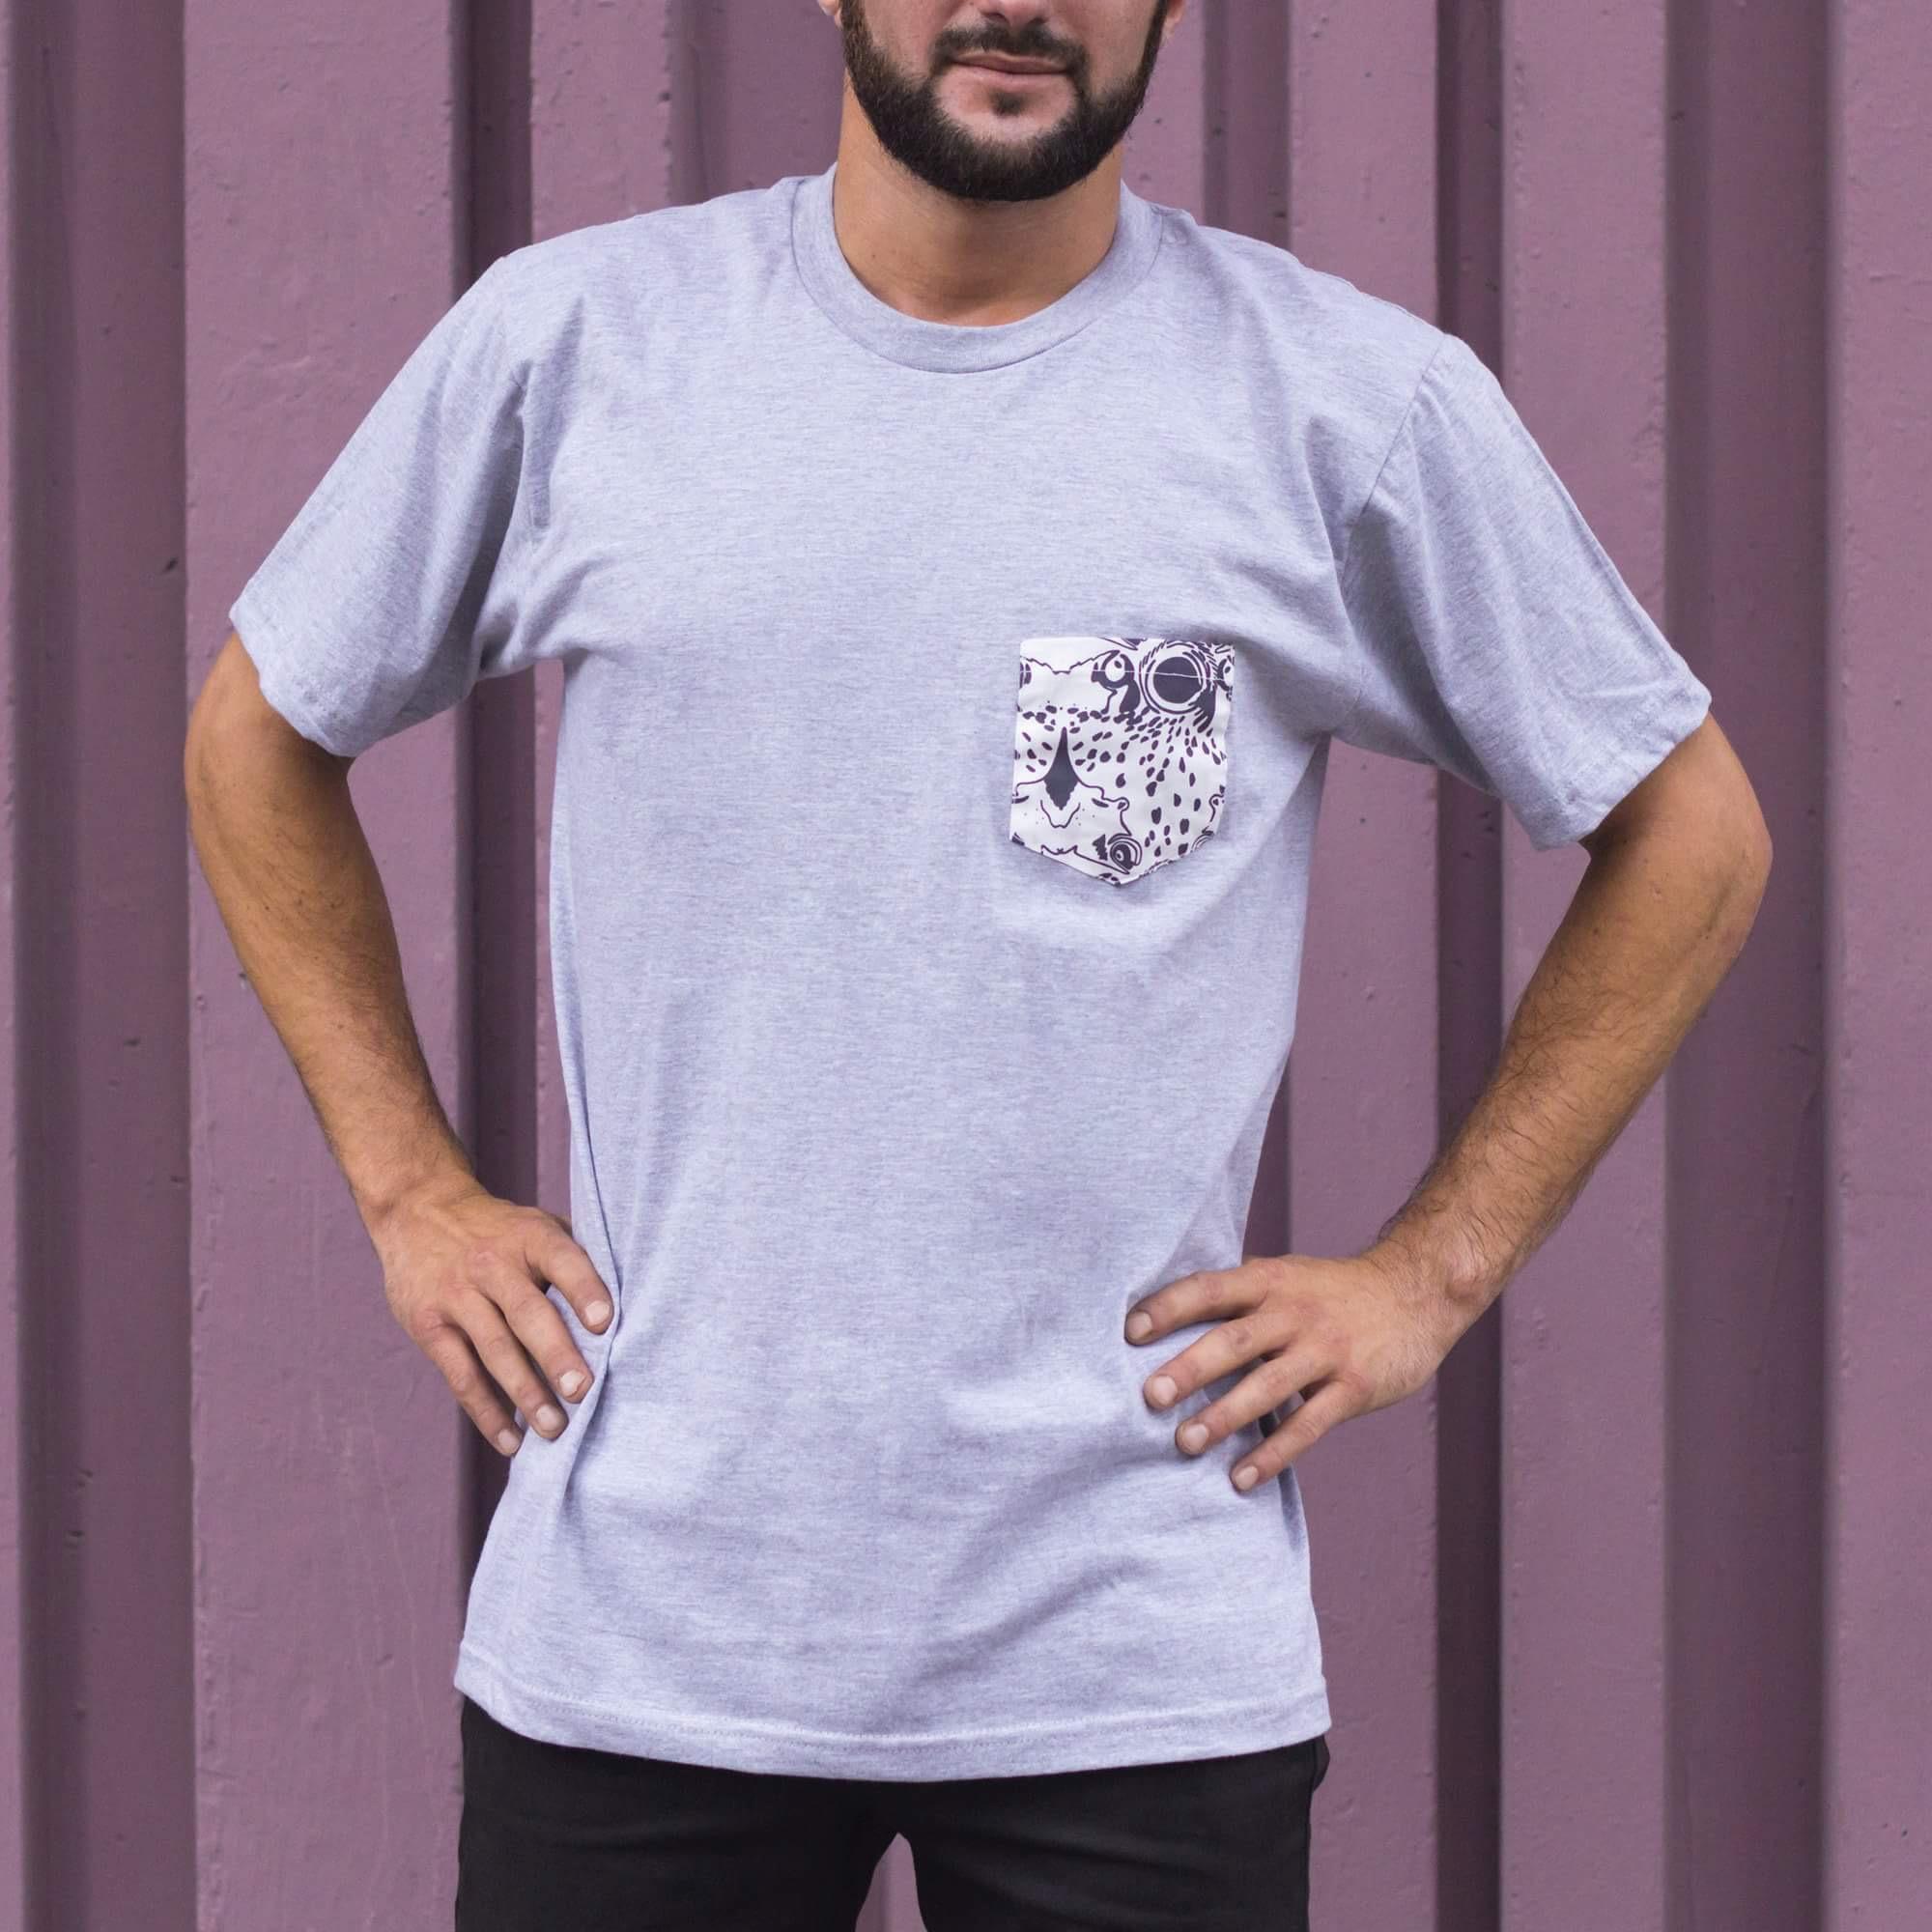 LaureMjoy - T-shirt gris clair